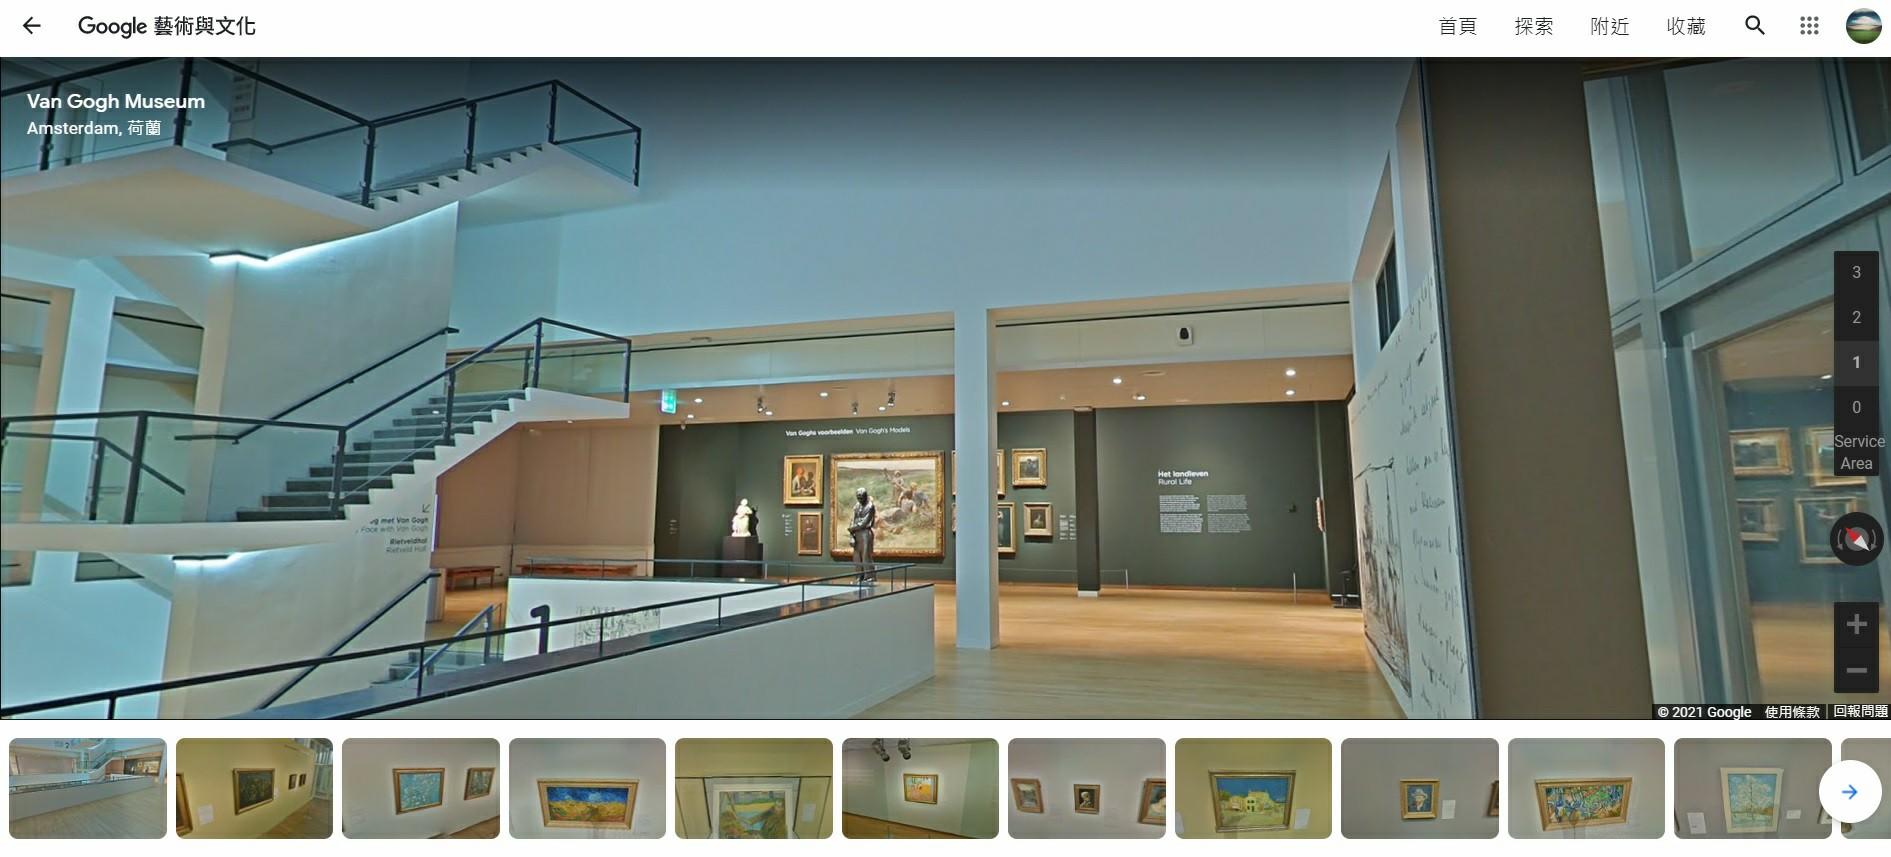 荷蘭阿姆斯特丹梵谷美術館,梵谷美術館,梵谷博物館,阿姆斯特丹,Google Arts & Culture,Google 藝術與文化,虛擬實境美術館,線上博物館,線上展覽,線上美術館